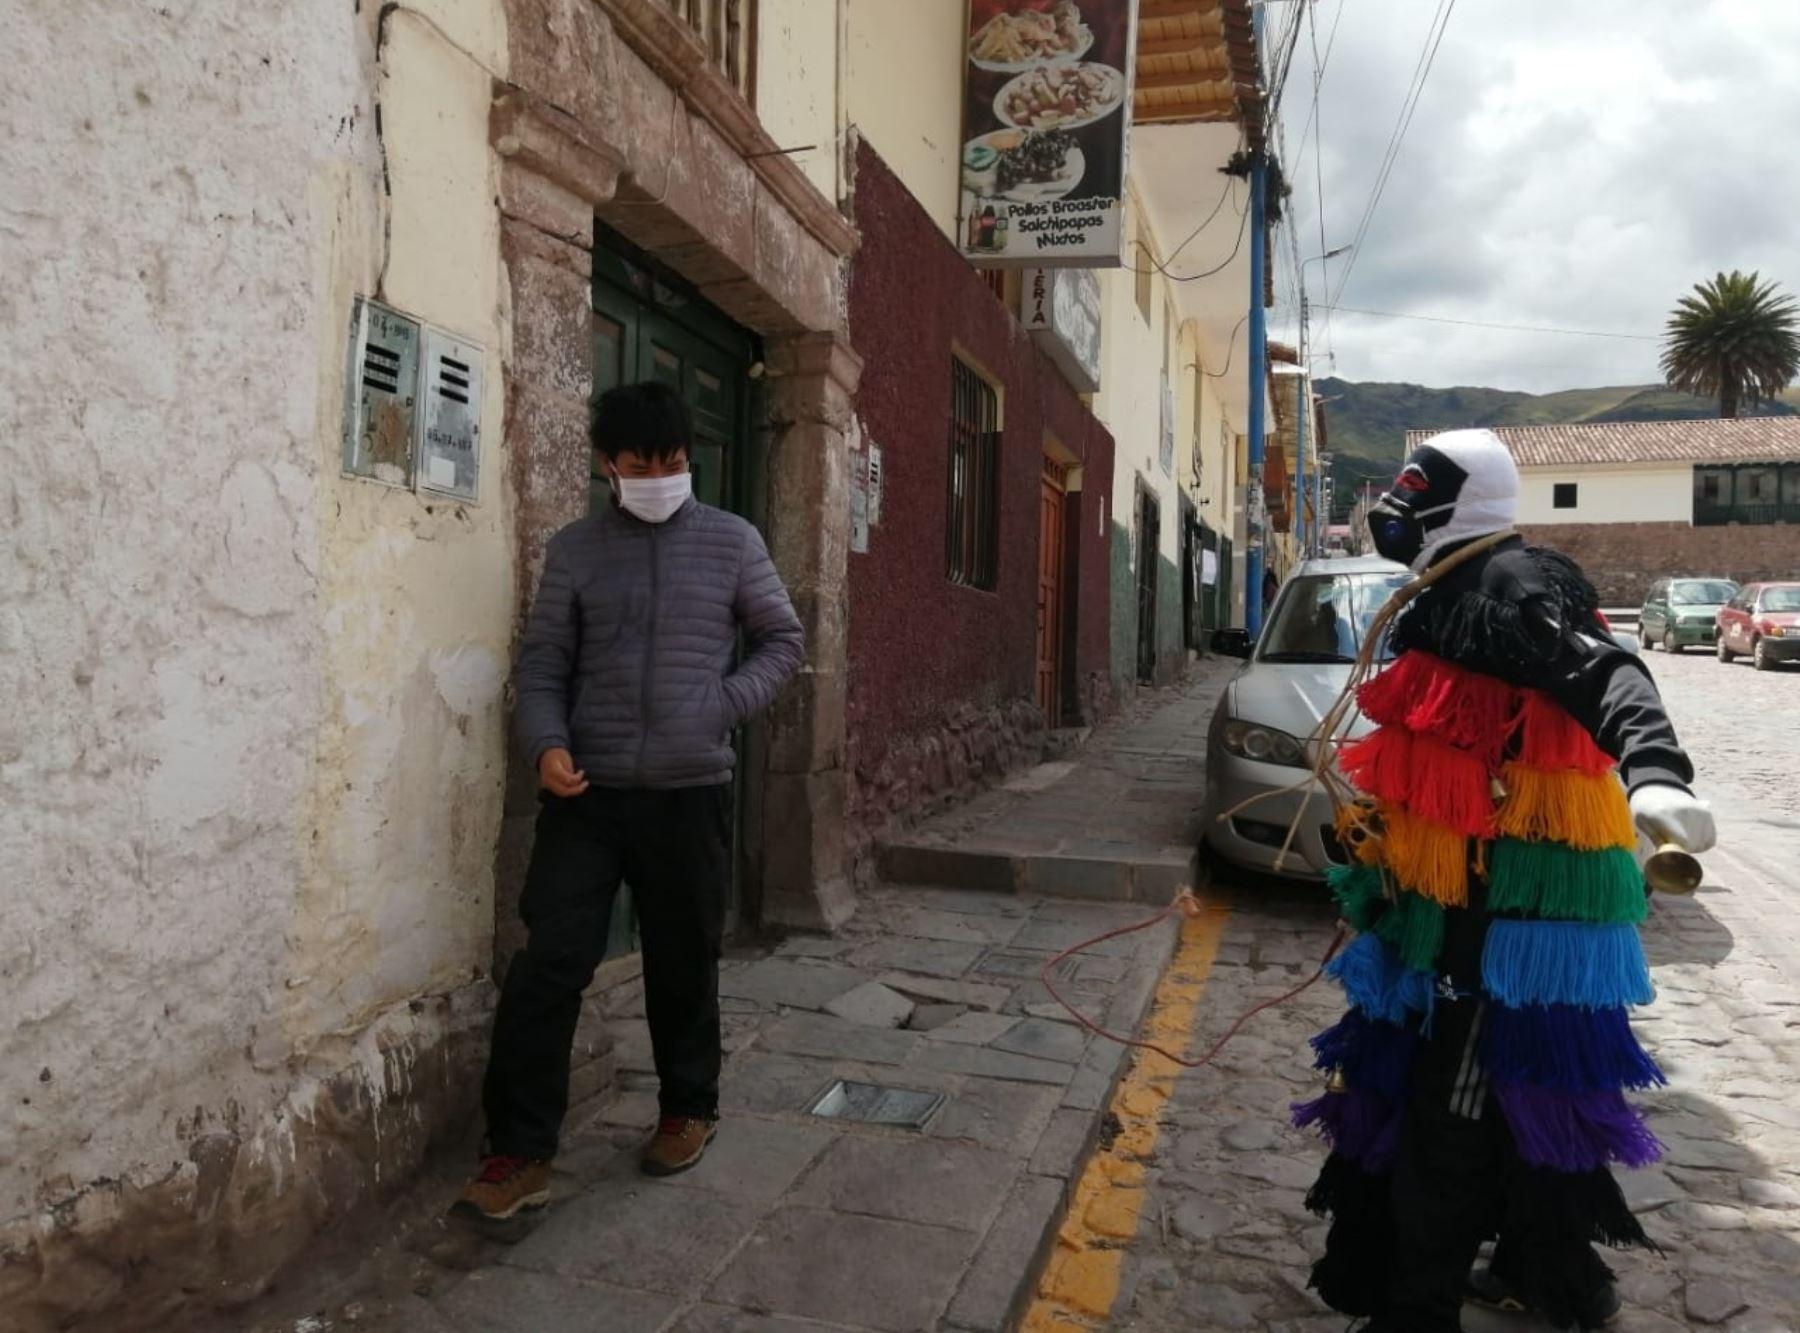 Los ukukus, los míticos personajes que son los guardianes de la Festividad del Señor de Qoyllur Riti, se sumaron a la tarea de hacer cumplir el aislamiento social obligatorio en Cusco. ANDINA/Percy Hurtado